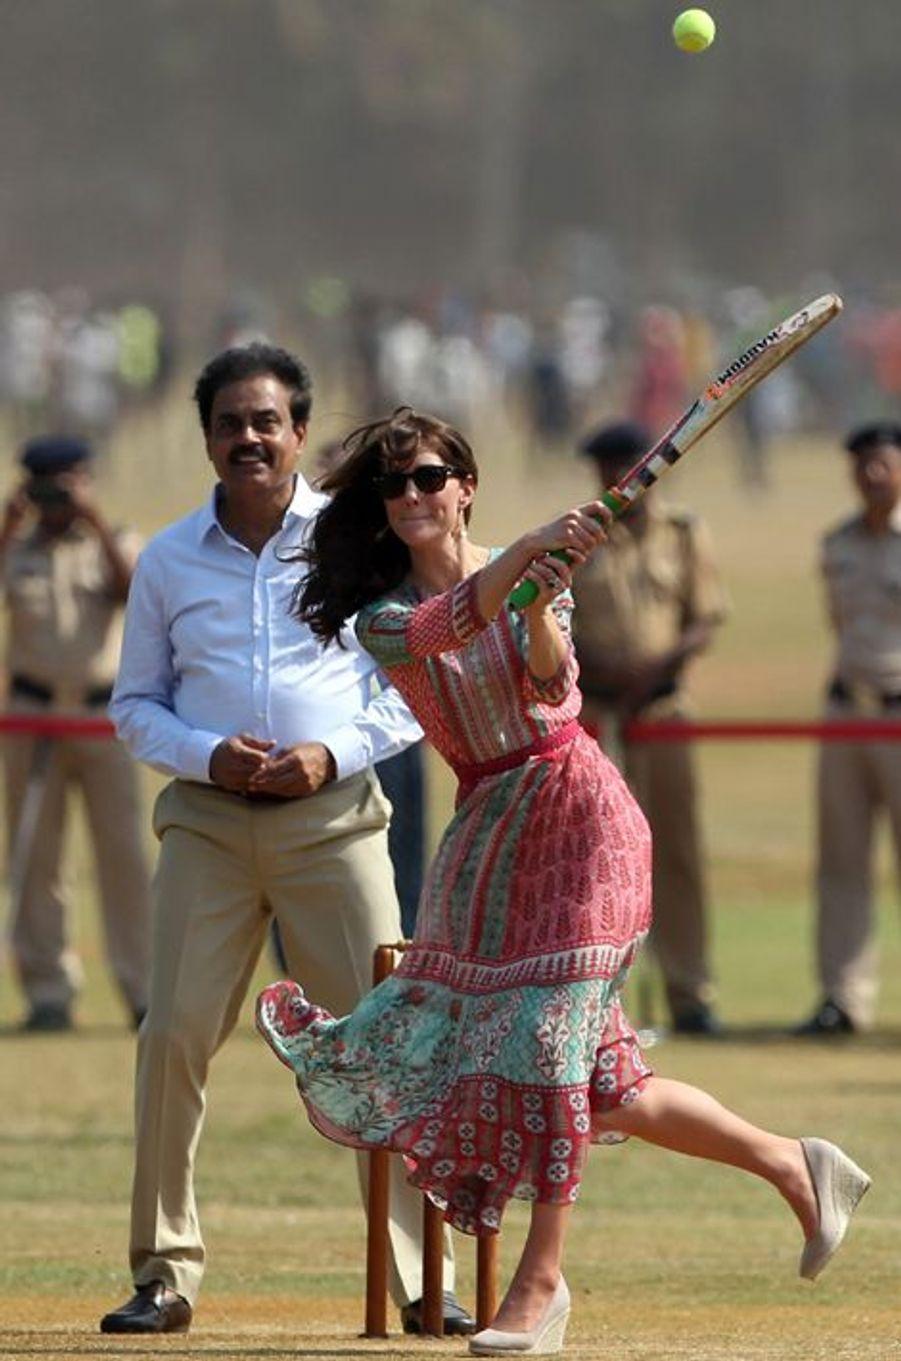 La duchesse de Cambridge, née Kate Middleton, accompagnée de son époux le prince William, a joué ce dimanche 10 avril un match de cricket, avec des enfants des bidonvilles de Bombay.Chaque dimanche, le Royal Blog de Paris Match vous propose de voir ou revoir les plus belles photographies de la semaine royale.